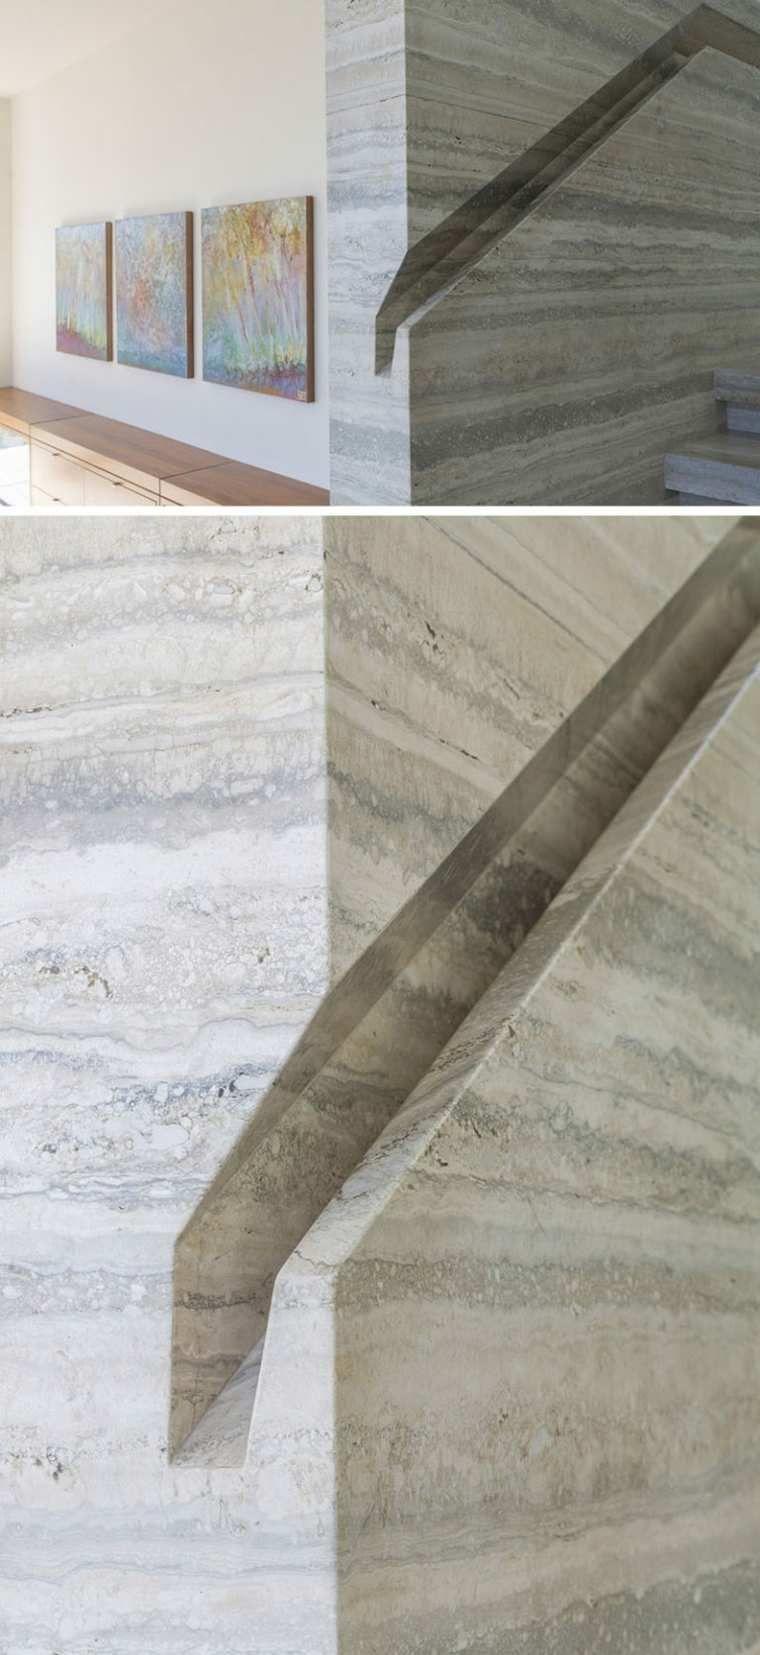 Neueste innenarchitektur handlauf integrierte treppe des modernen stils in